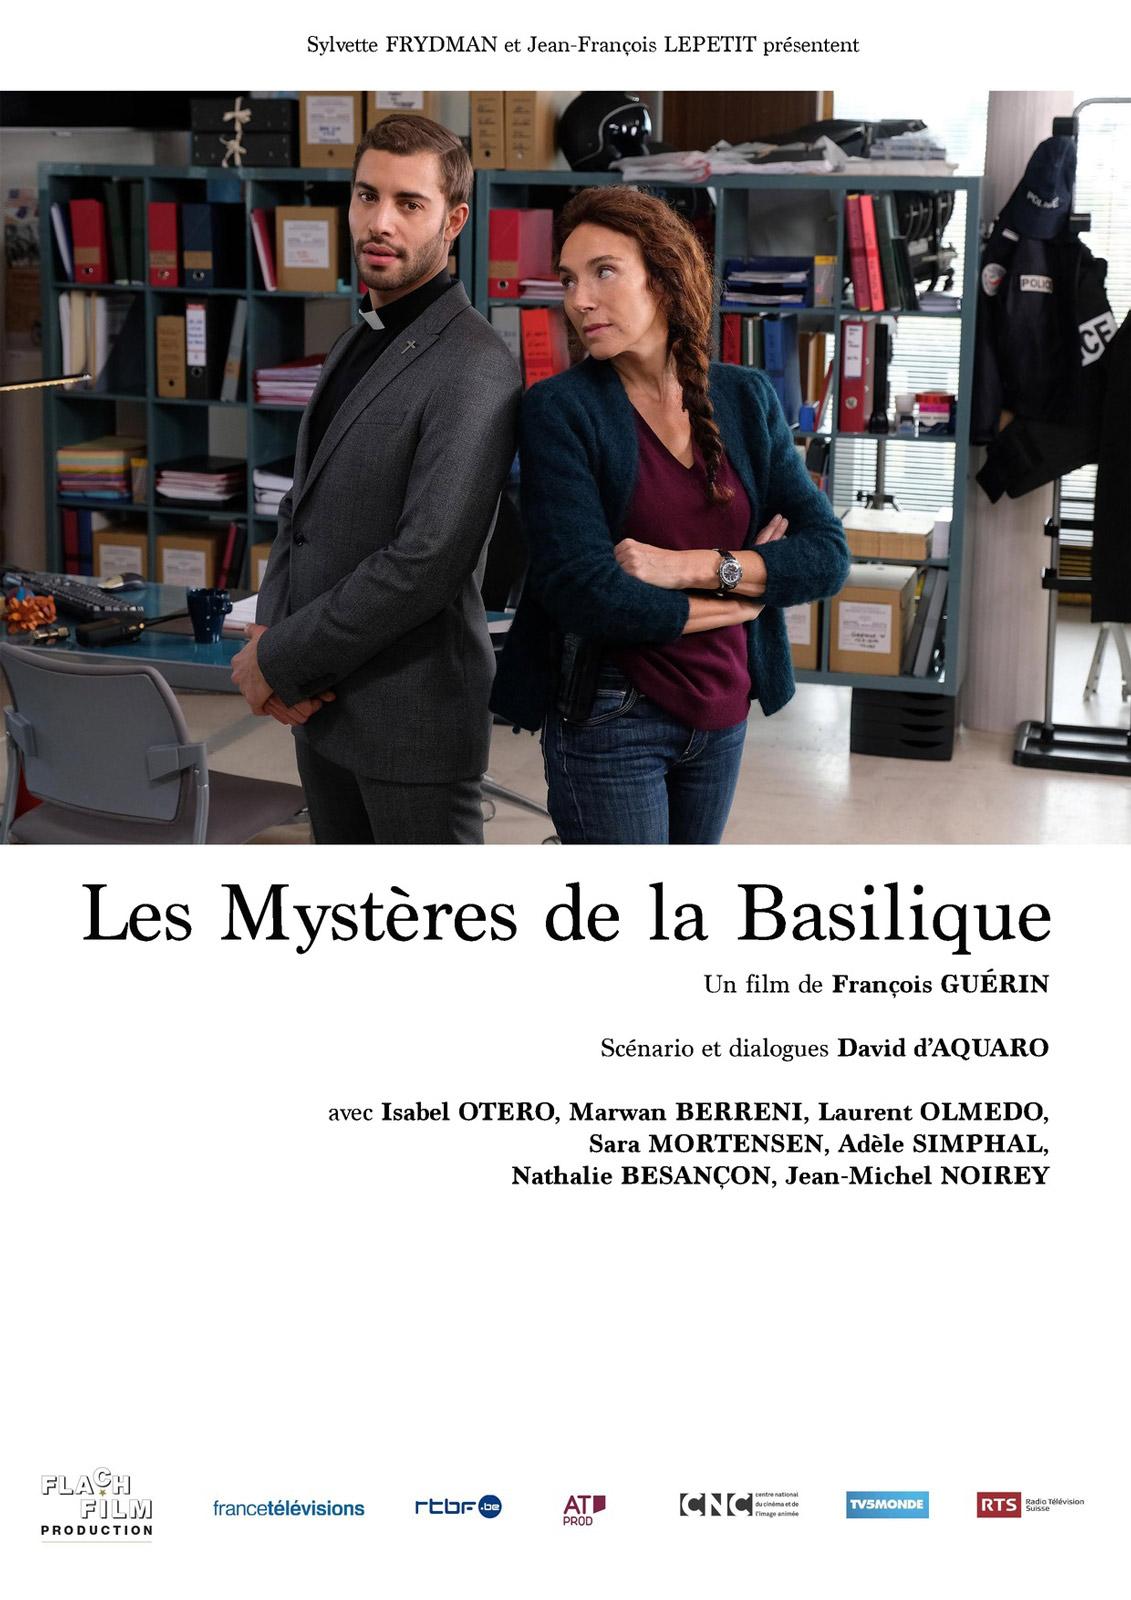 Les mystères de la Basilique